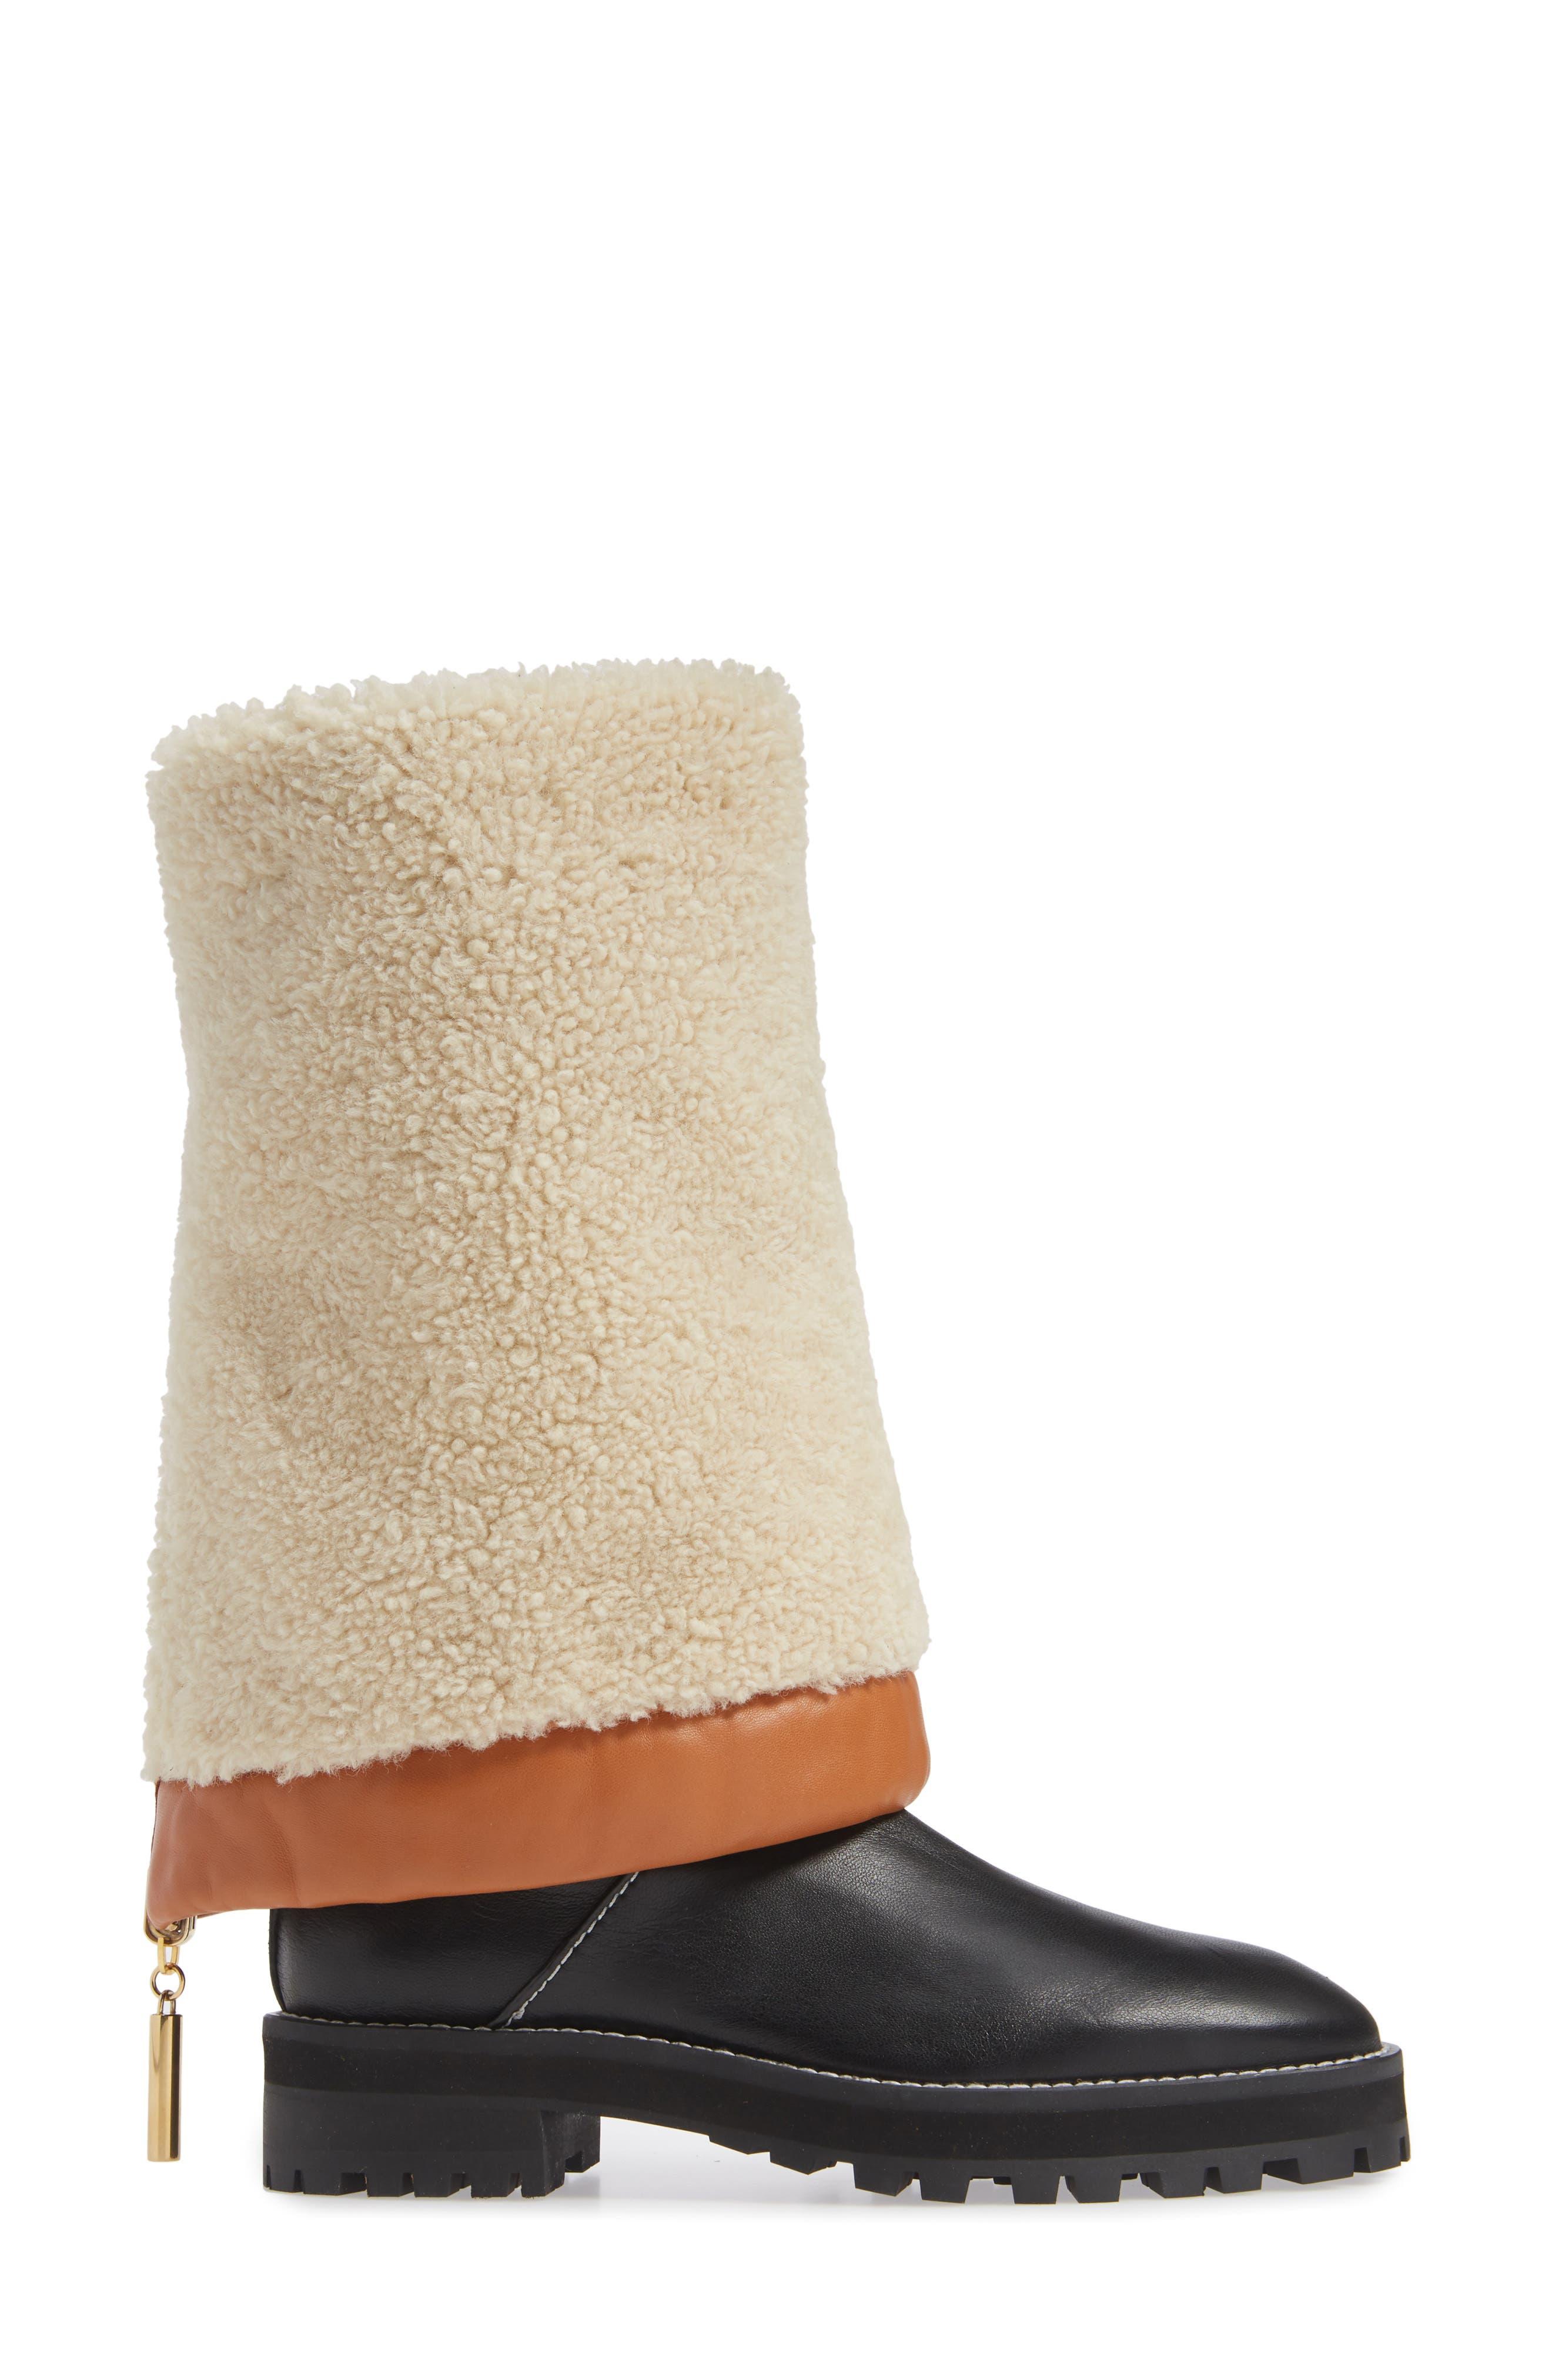 Renata Genuine Shearling Boot,                             Alternate thumbnail 4, color,                             BLACK ANDORRA